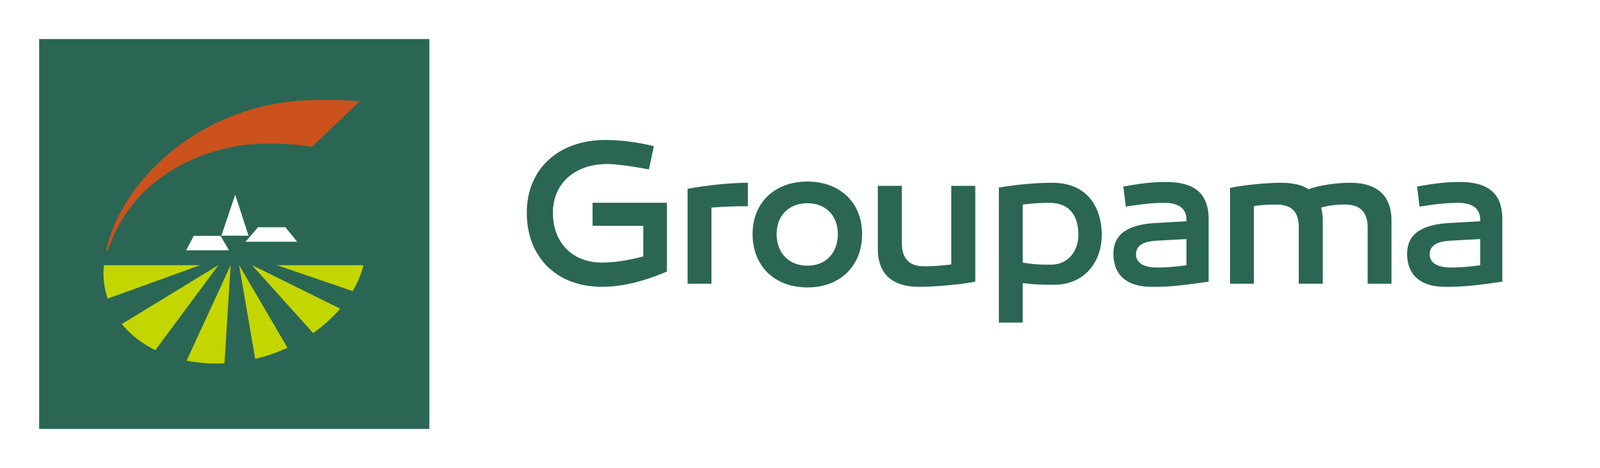 Auto Groupama Logo photo - 1